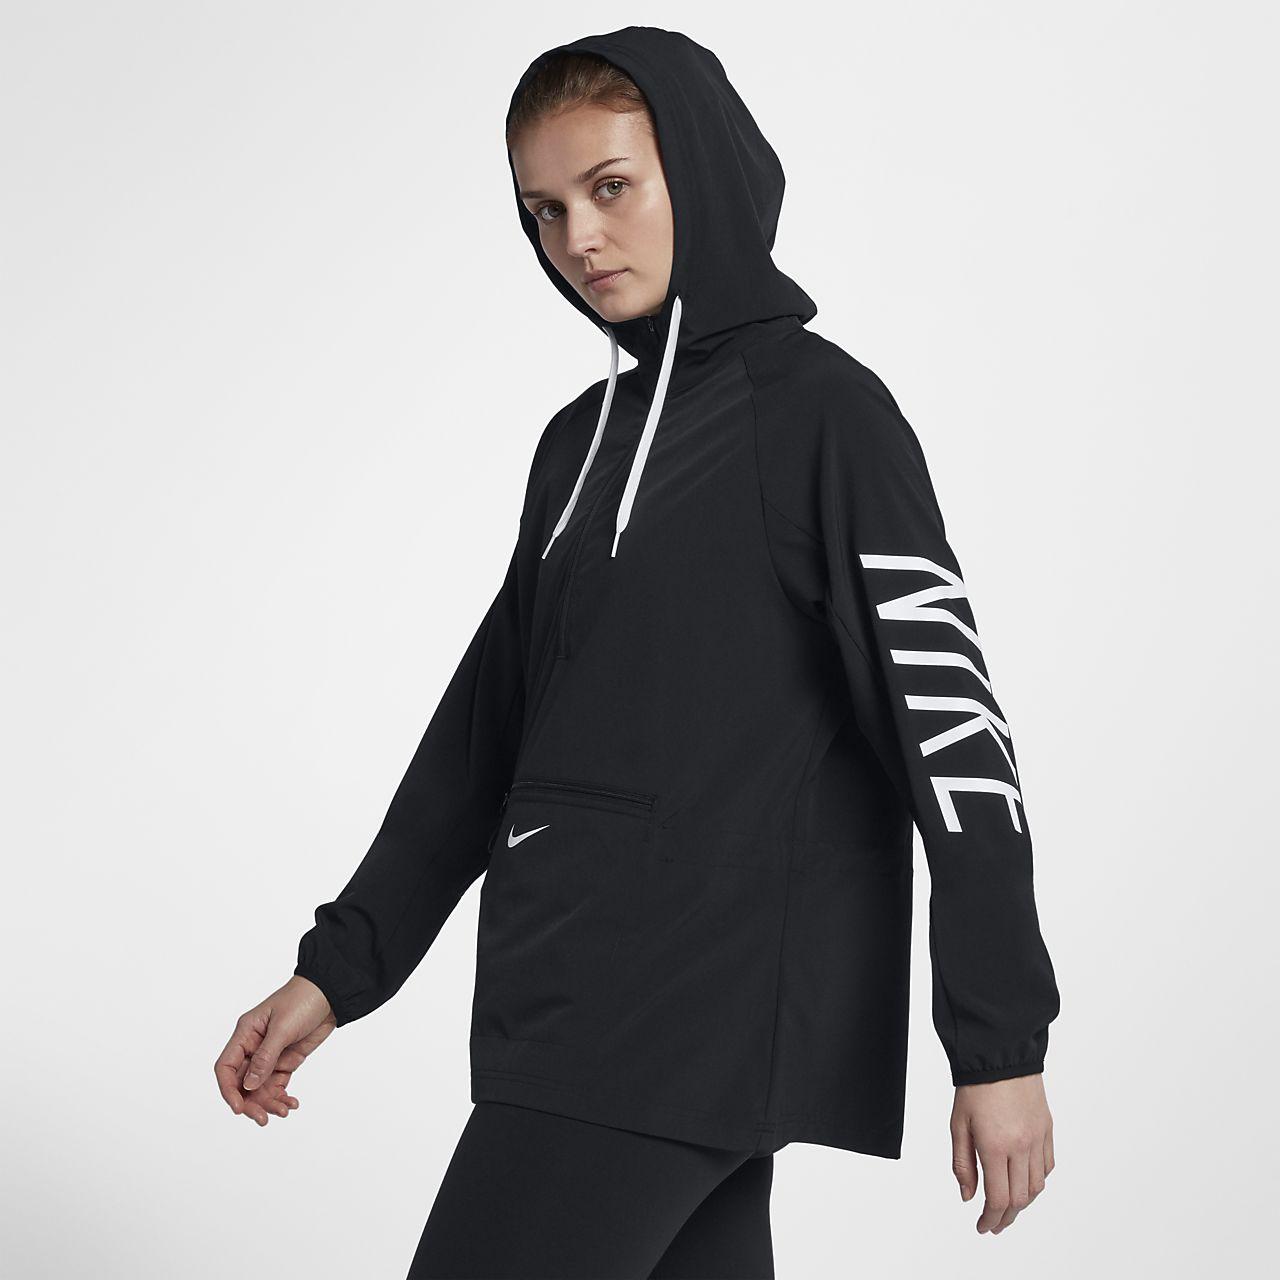 ... Nike Flex Women's Packable Training Jacket